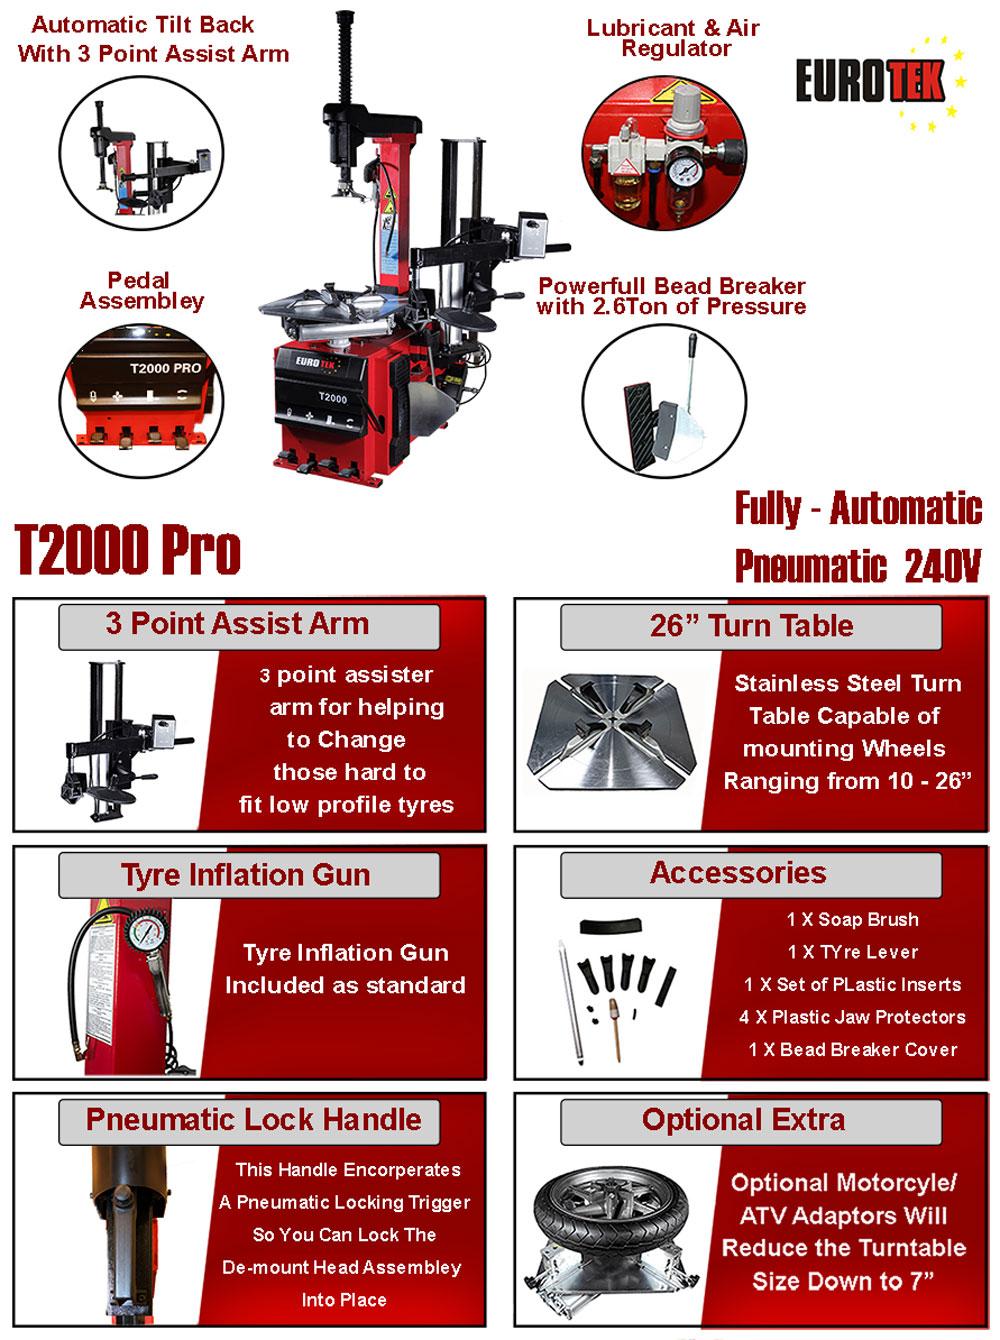 information flyer for eurotek t2000 pro